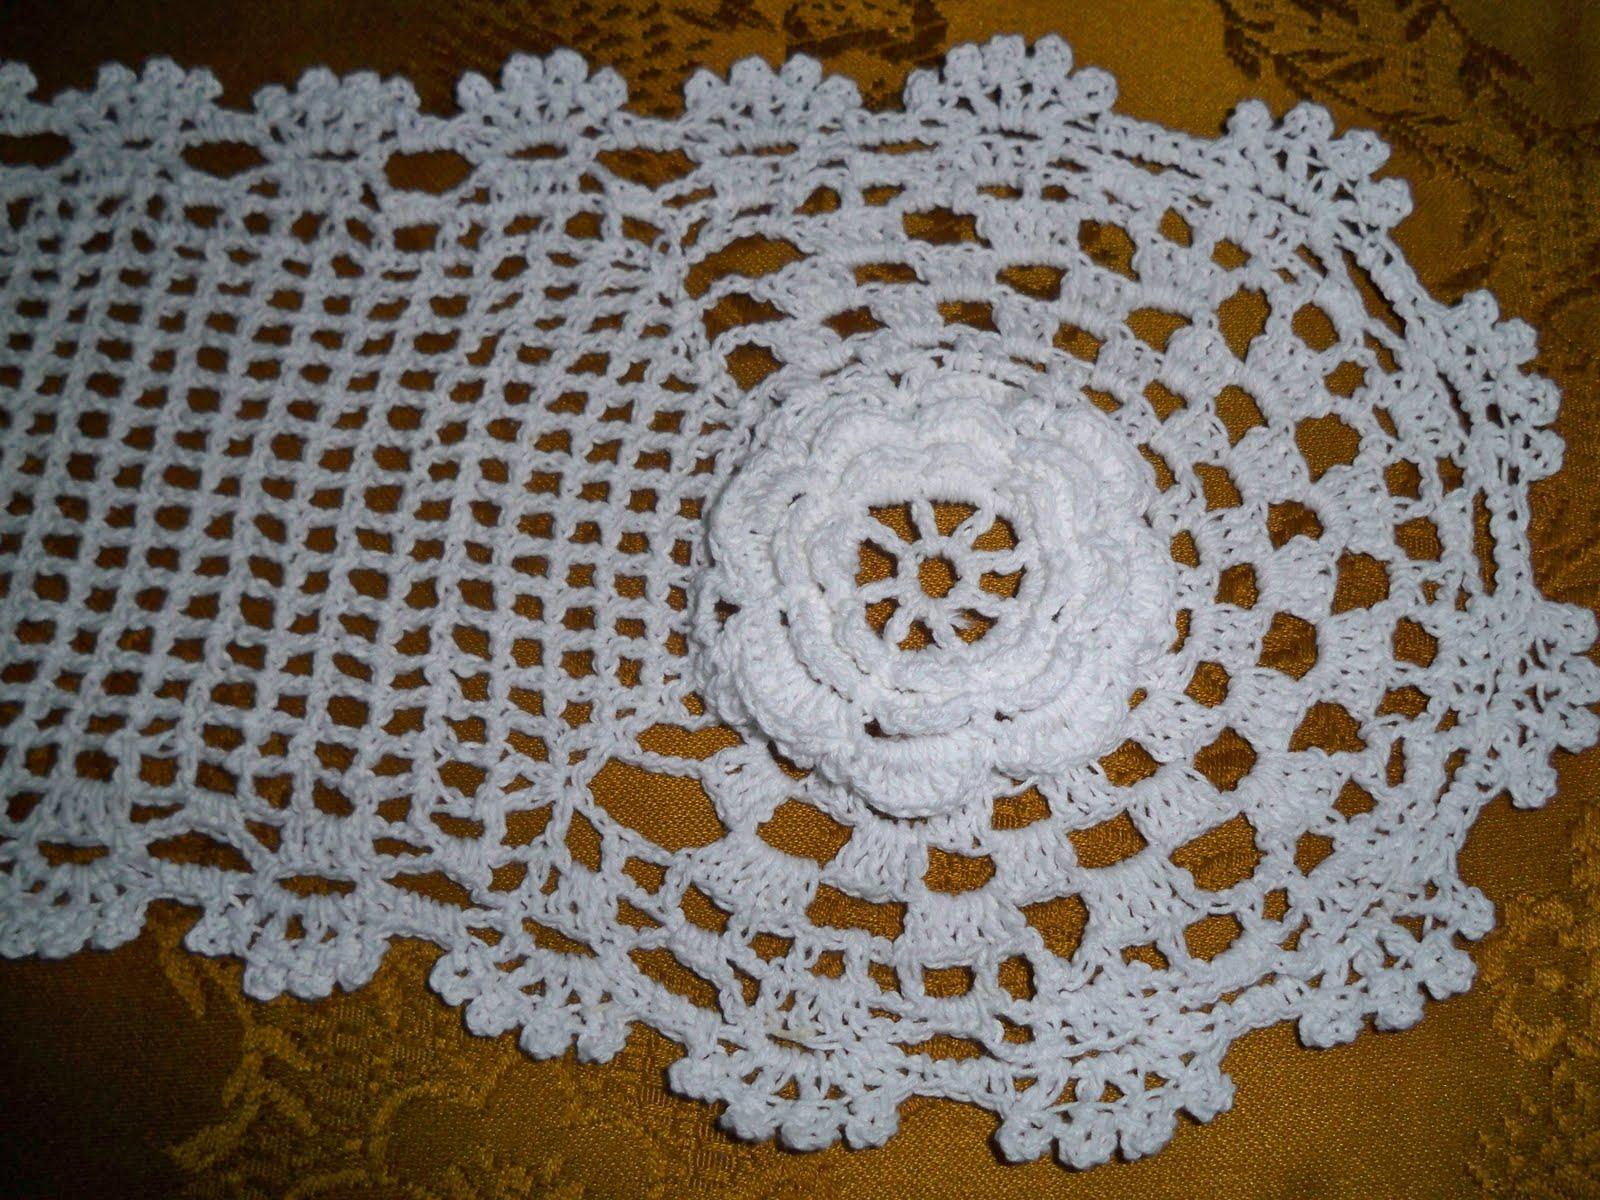 Juego De Baño A Crochet Con Patrones:CARMEN FELICIDAD: Juego de Baño con motivos de rosas en crochet